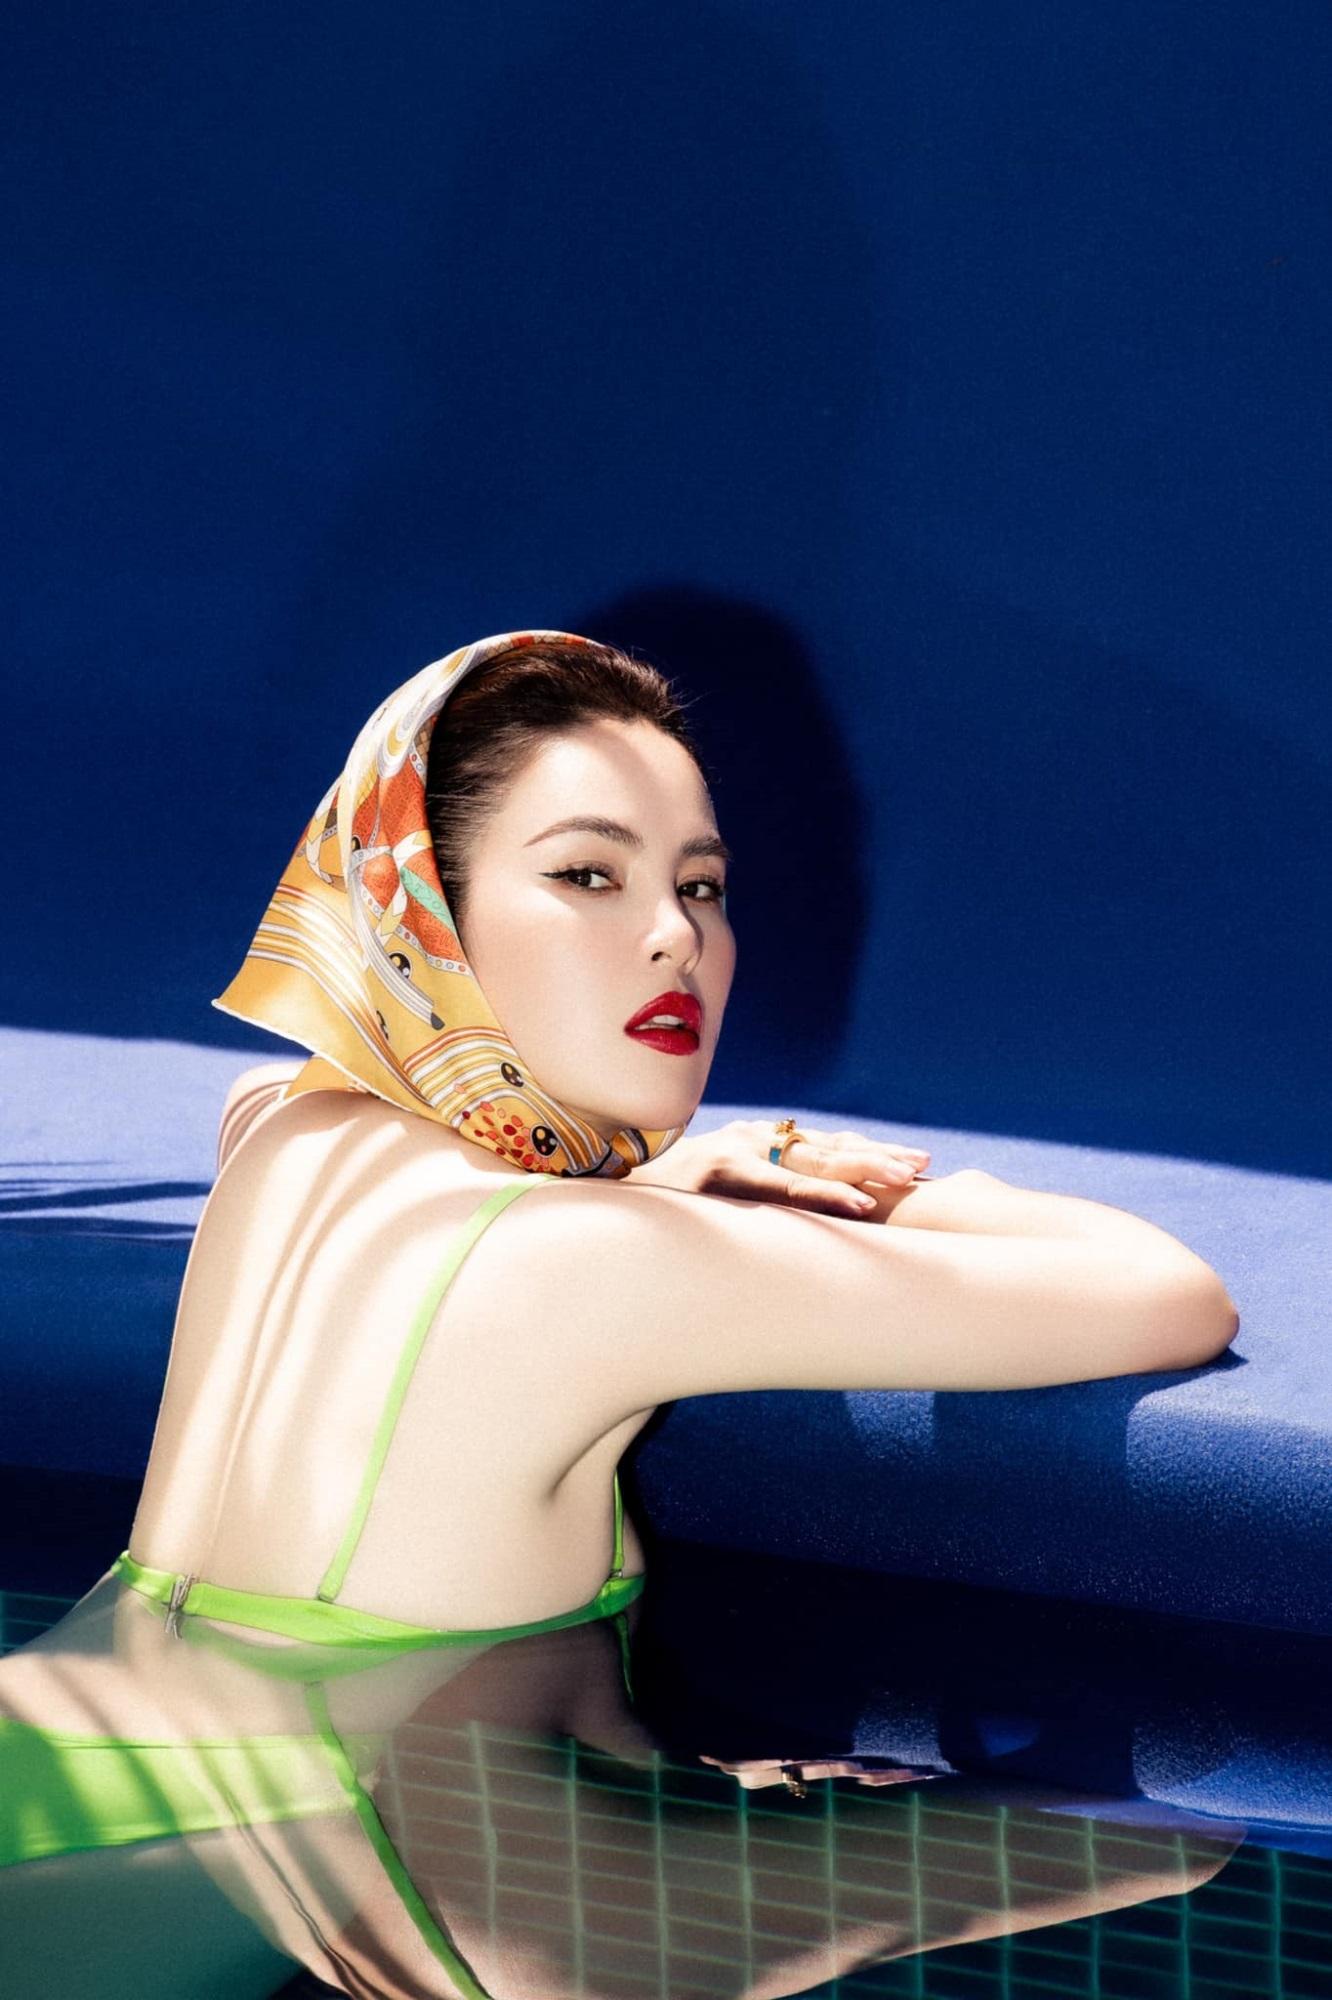 Hoa hậu Quý bà Phương Lê tố một NTK 'chơi dơ', thuê biệt thự để 'làm màu' câu view, CĐM gọi tên Thái Công - Ảnh 6